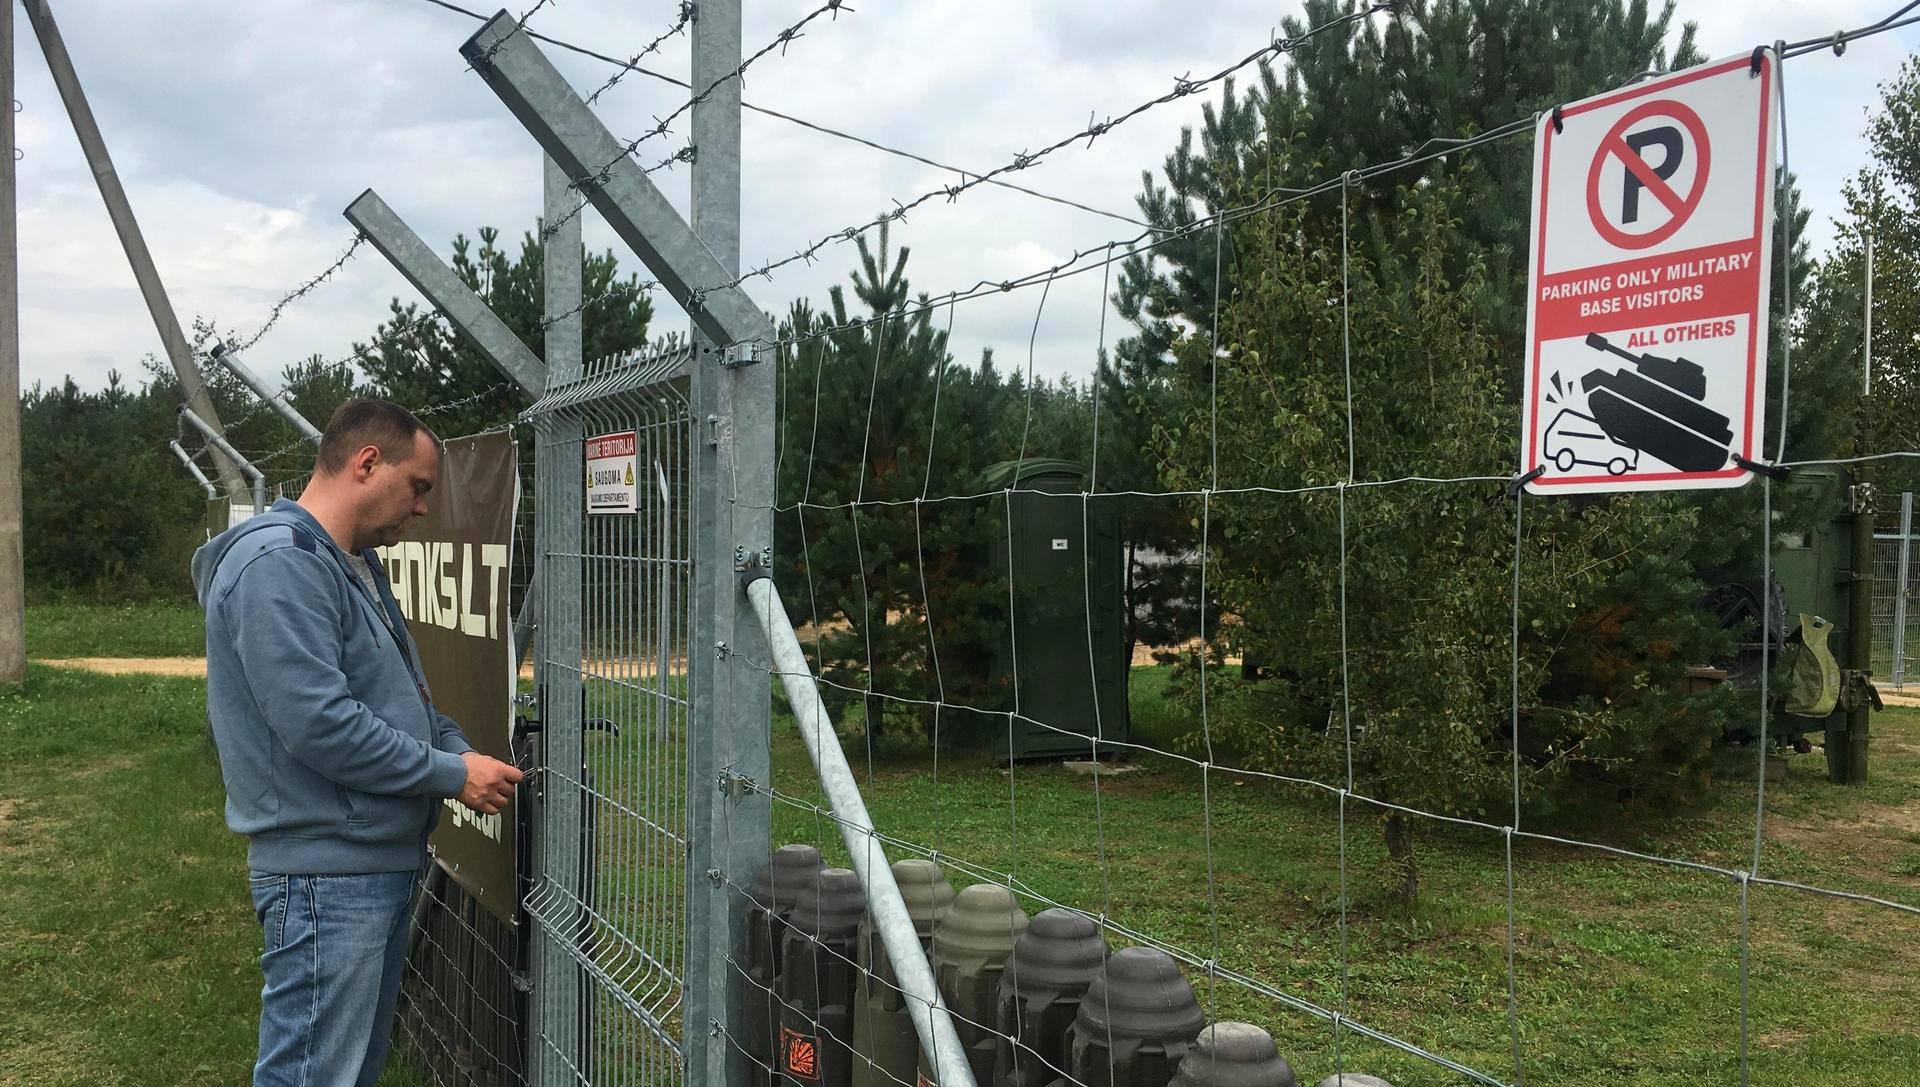 Zilvinas Pastarnokas avaa Defence Projects -yrityksen taisteluharjoitusalueen porttia. Paljonpuhuva kyltti varoittaa sivullisia siitä, että alueen lähistölle ei kannata edes parkkeerata.